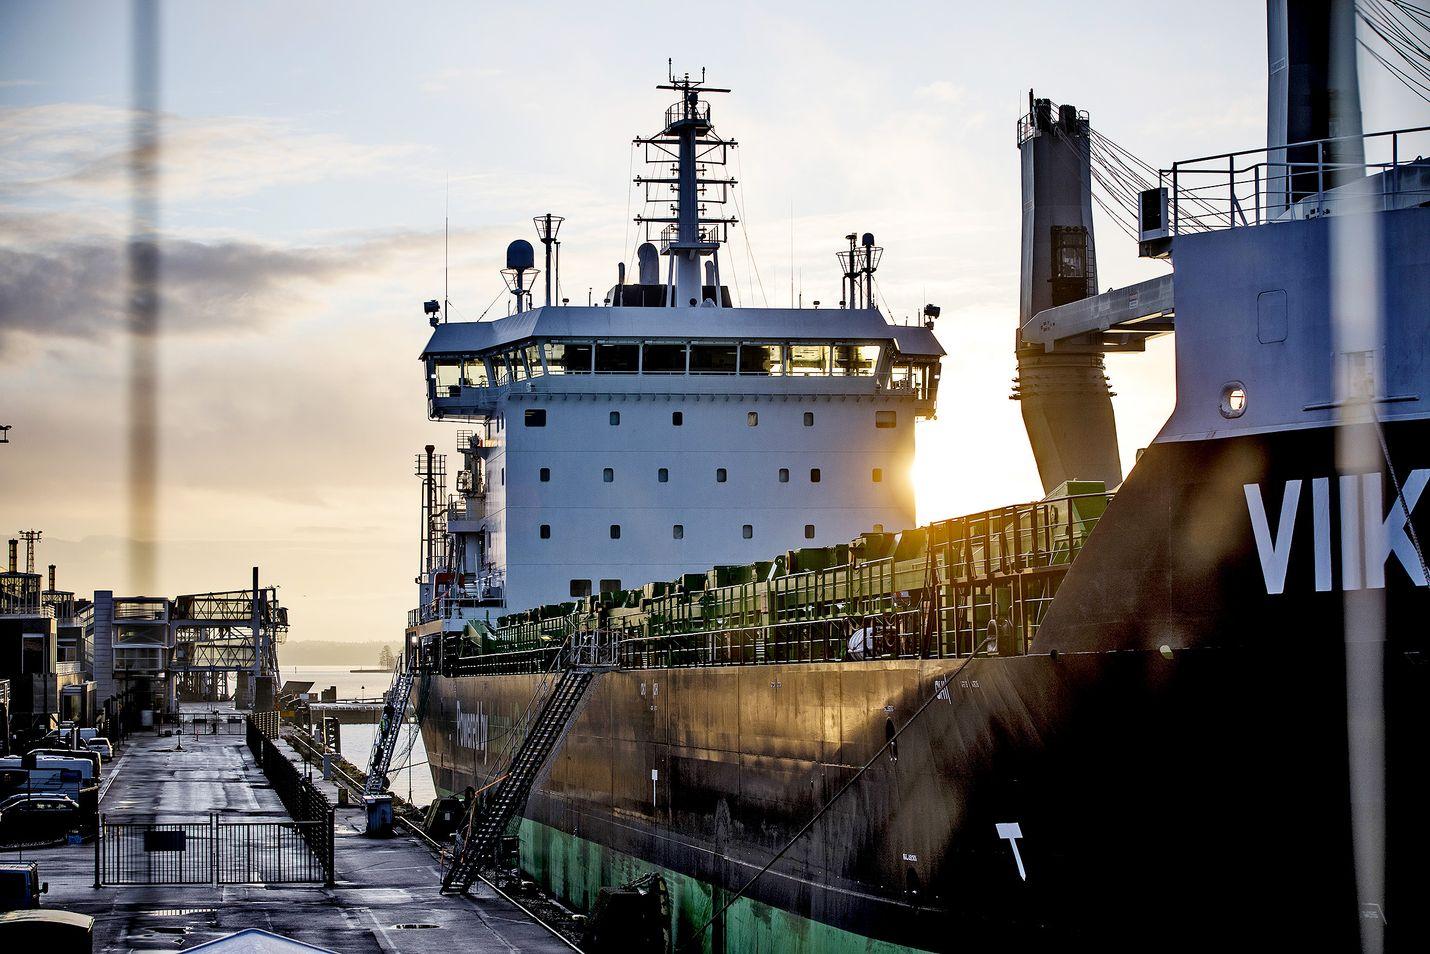 Varustamot ovat huolissaan rahtimääristä. ESL Shippingin M/s Viikki on maailman ensimmäinen LNG:llä kulkeva rahtilaiva.